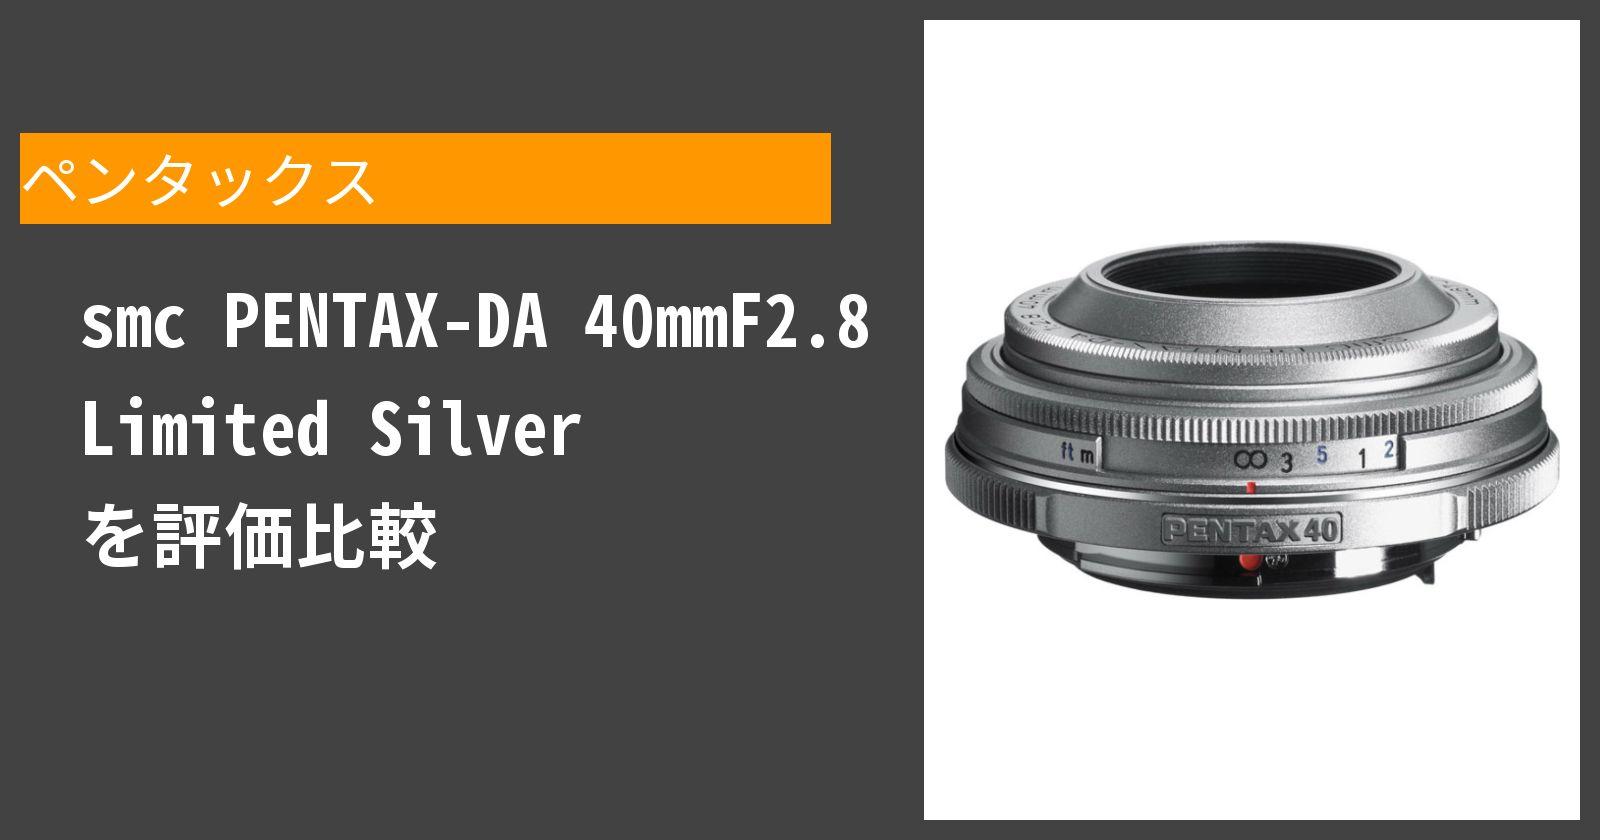 smc PENTAX-DA 40mmF2.8 Limited Silverを徹底評価